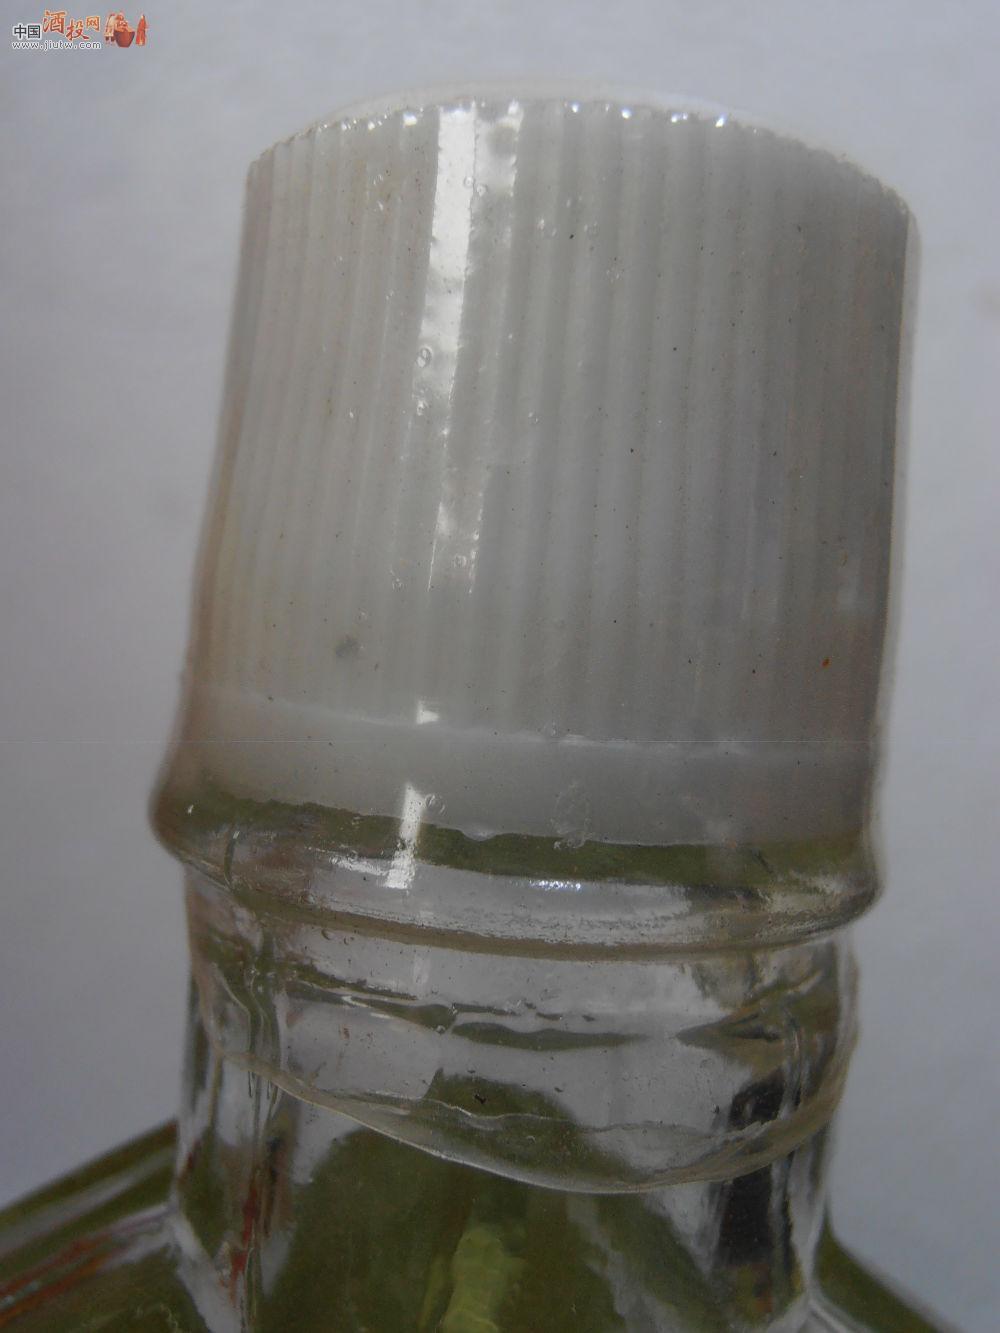 杏花村10斤装塑料酒桶照片